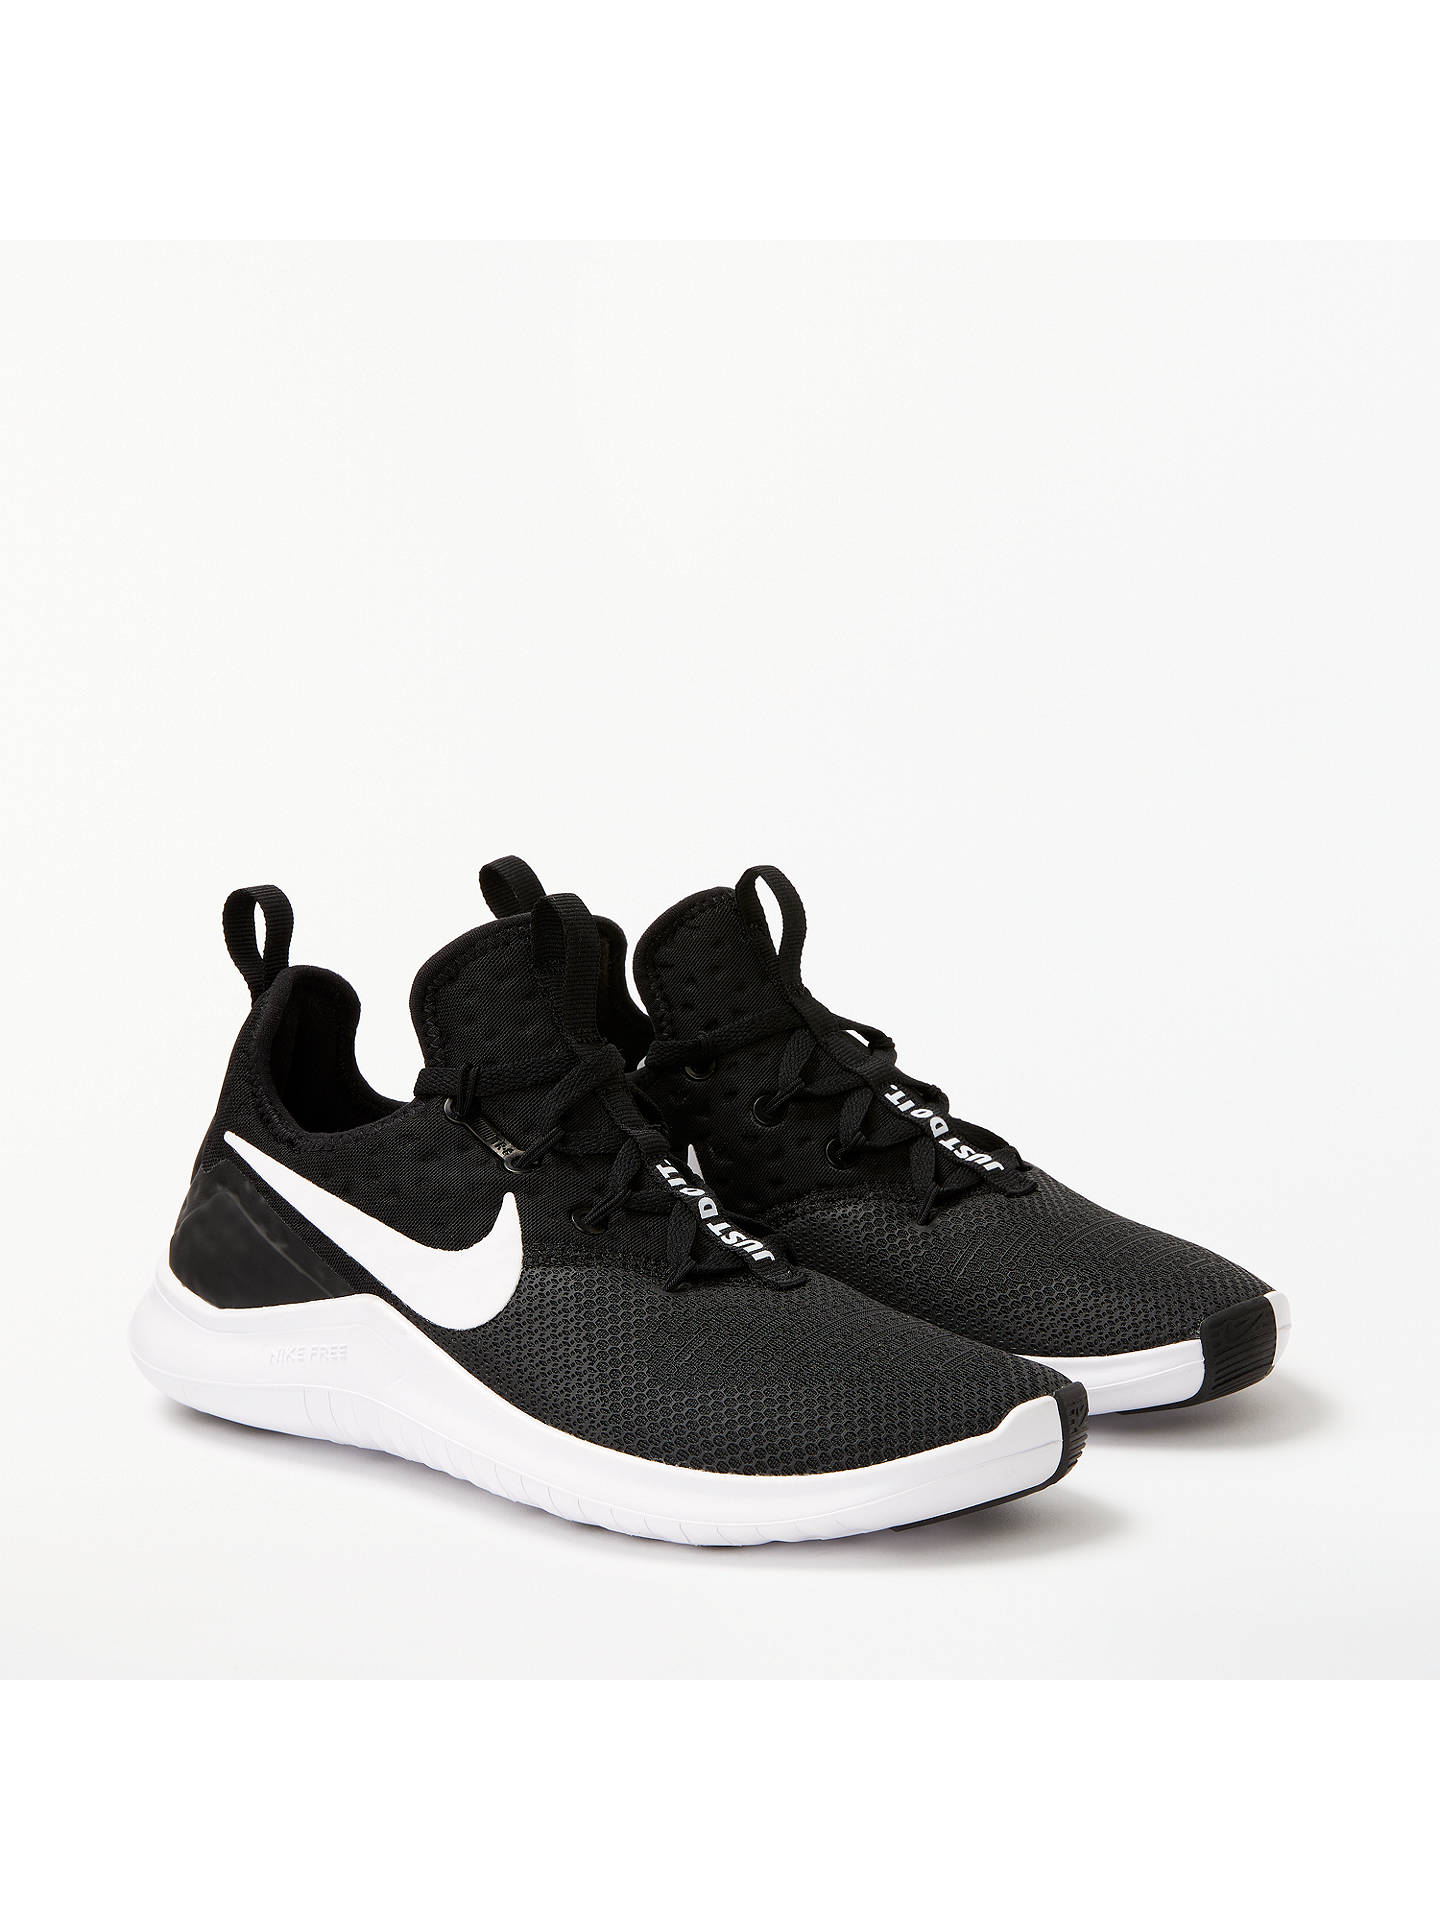 b7f0c85bbae85 ... Buy Nike Free TR 8 Women s Training Shoes